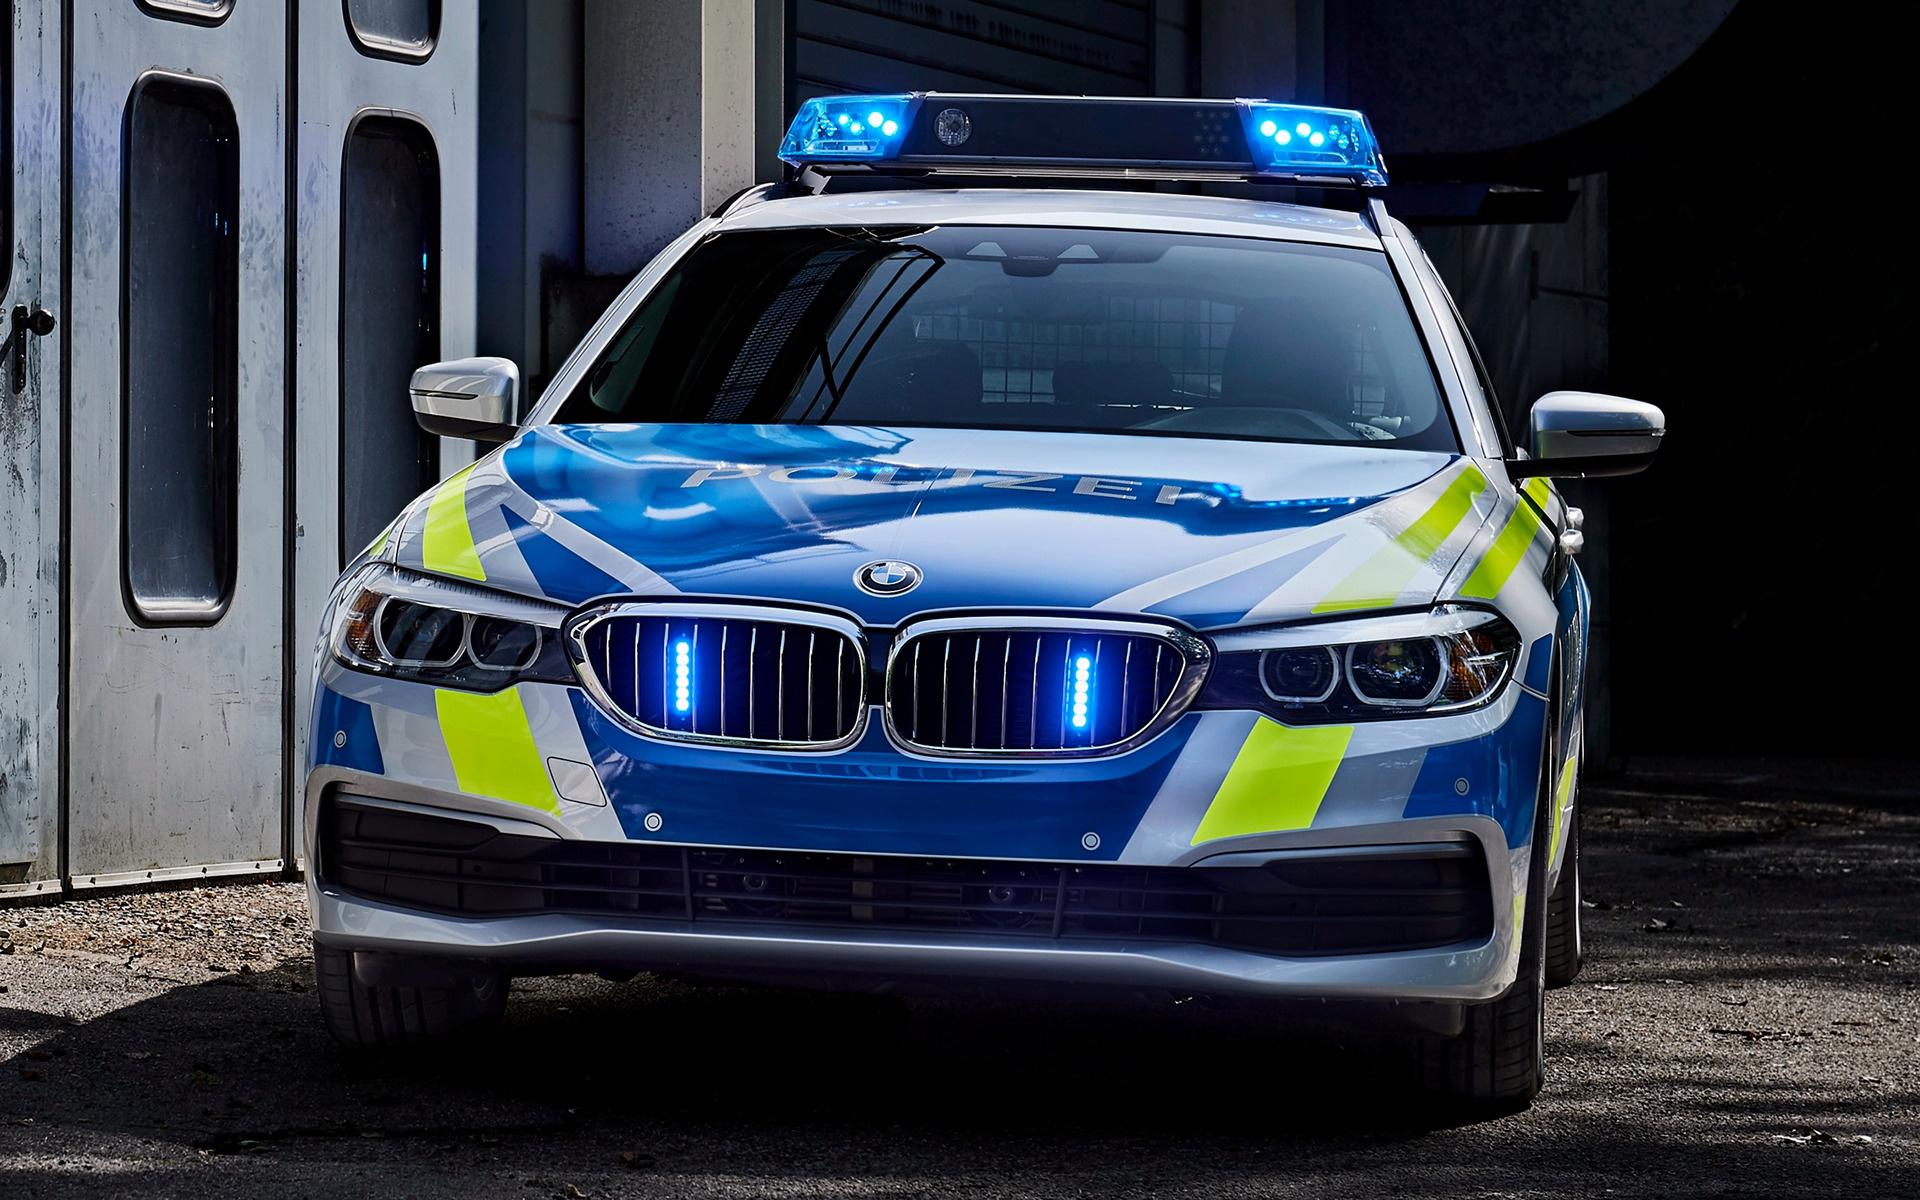 2017 BMW 5 Series Touring Polizei